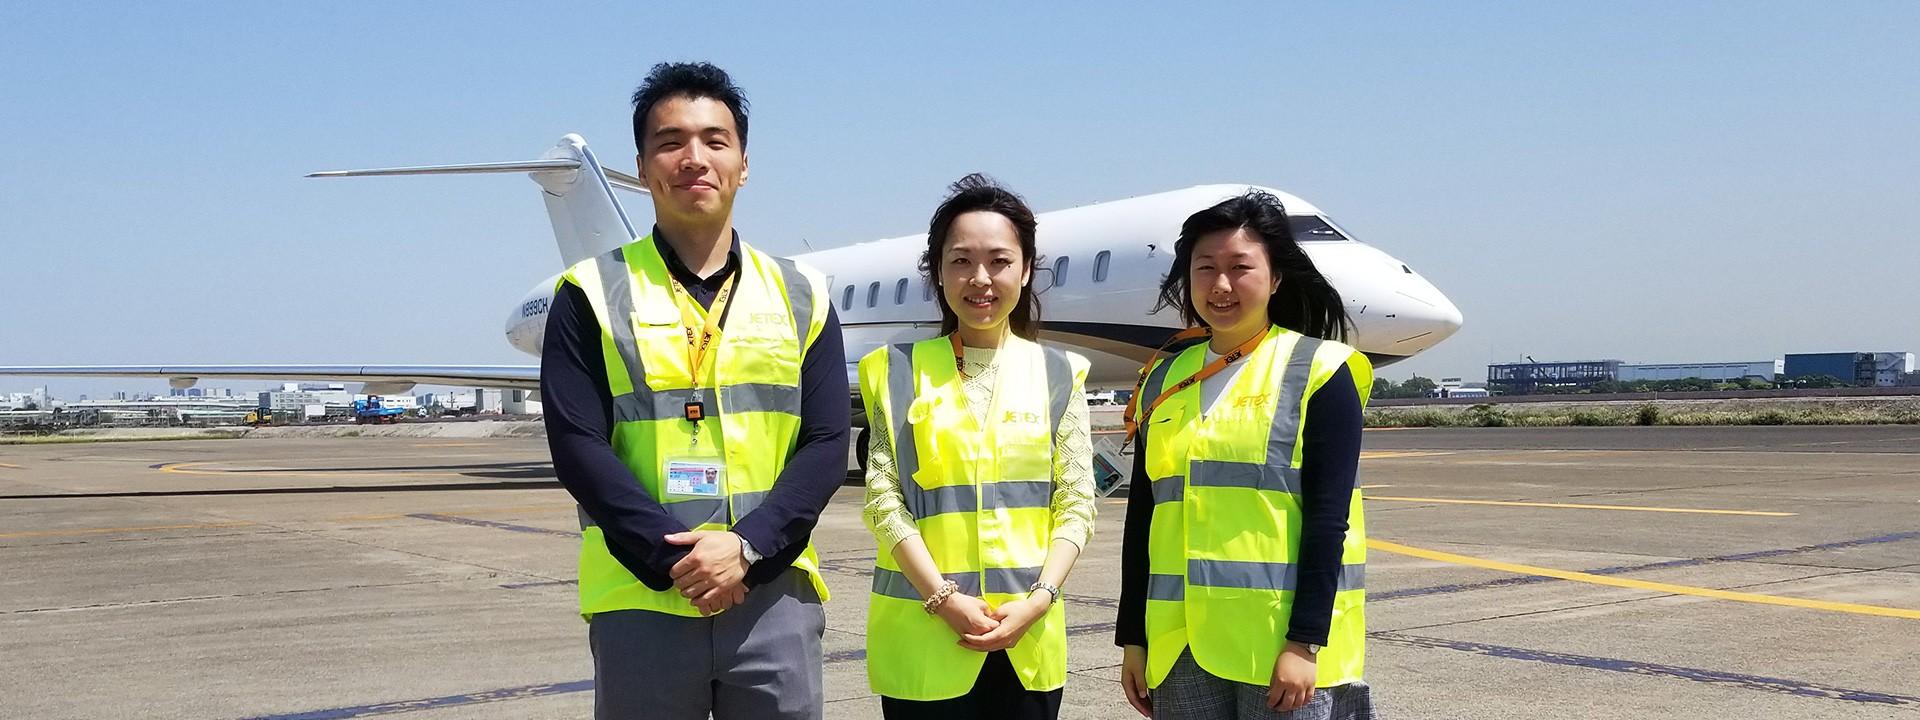 Jetex Osaka Japan